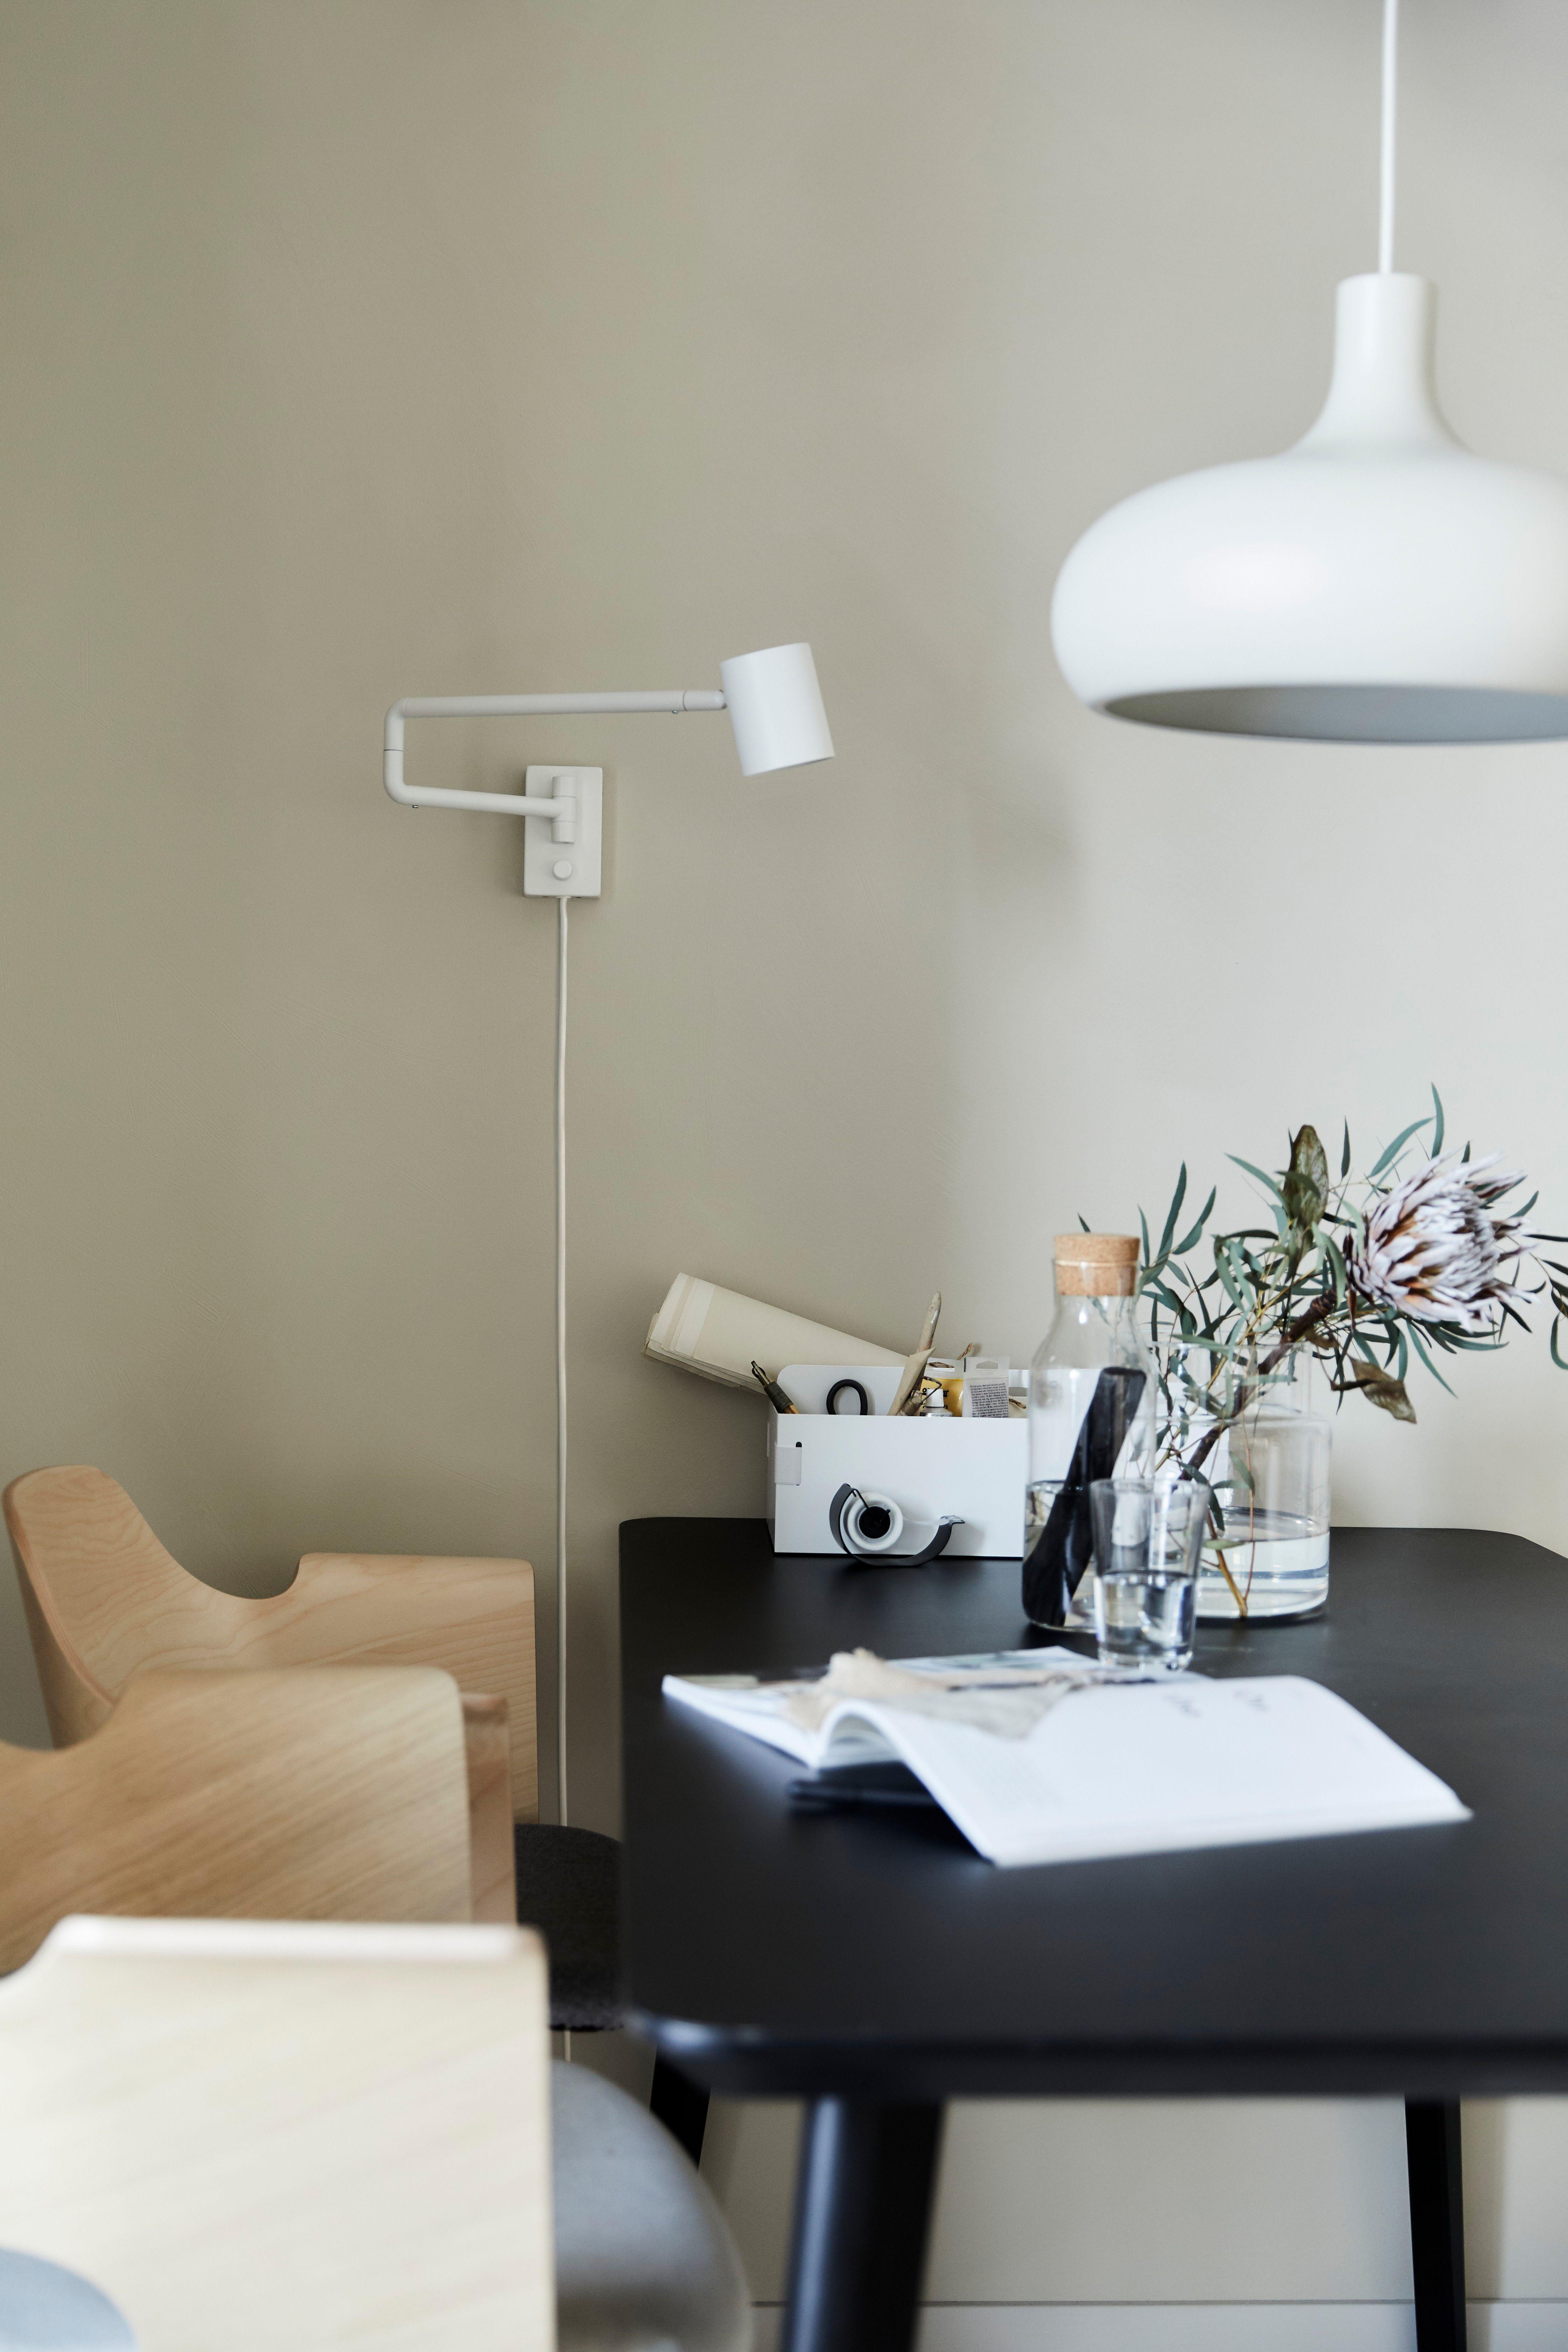 Ikea Deutschland Beleuchte Deinen Arbeitsplatz Mit Der Vaxjo Hangeleuchte Und Einer Wandleuchte So Hast Du Immer Das Passende Ikea Beleuchtung Wandleuchte